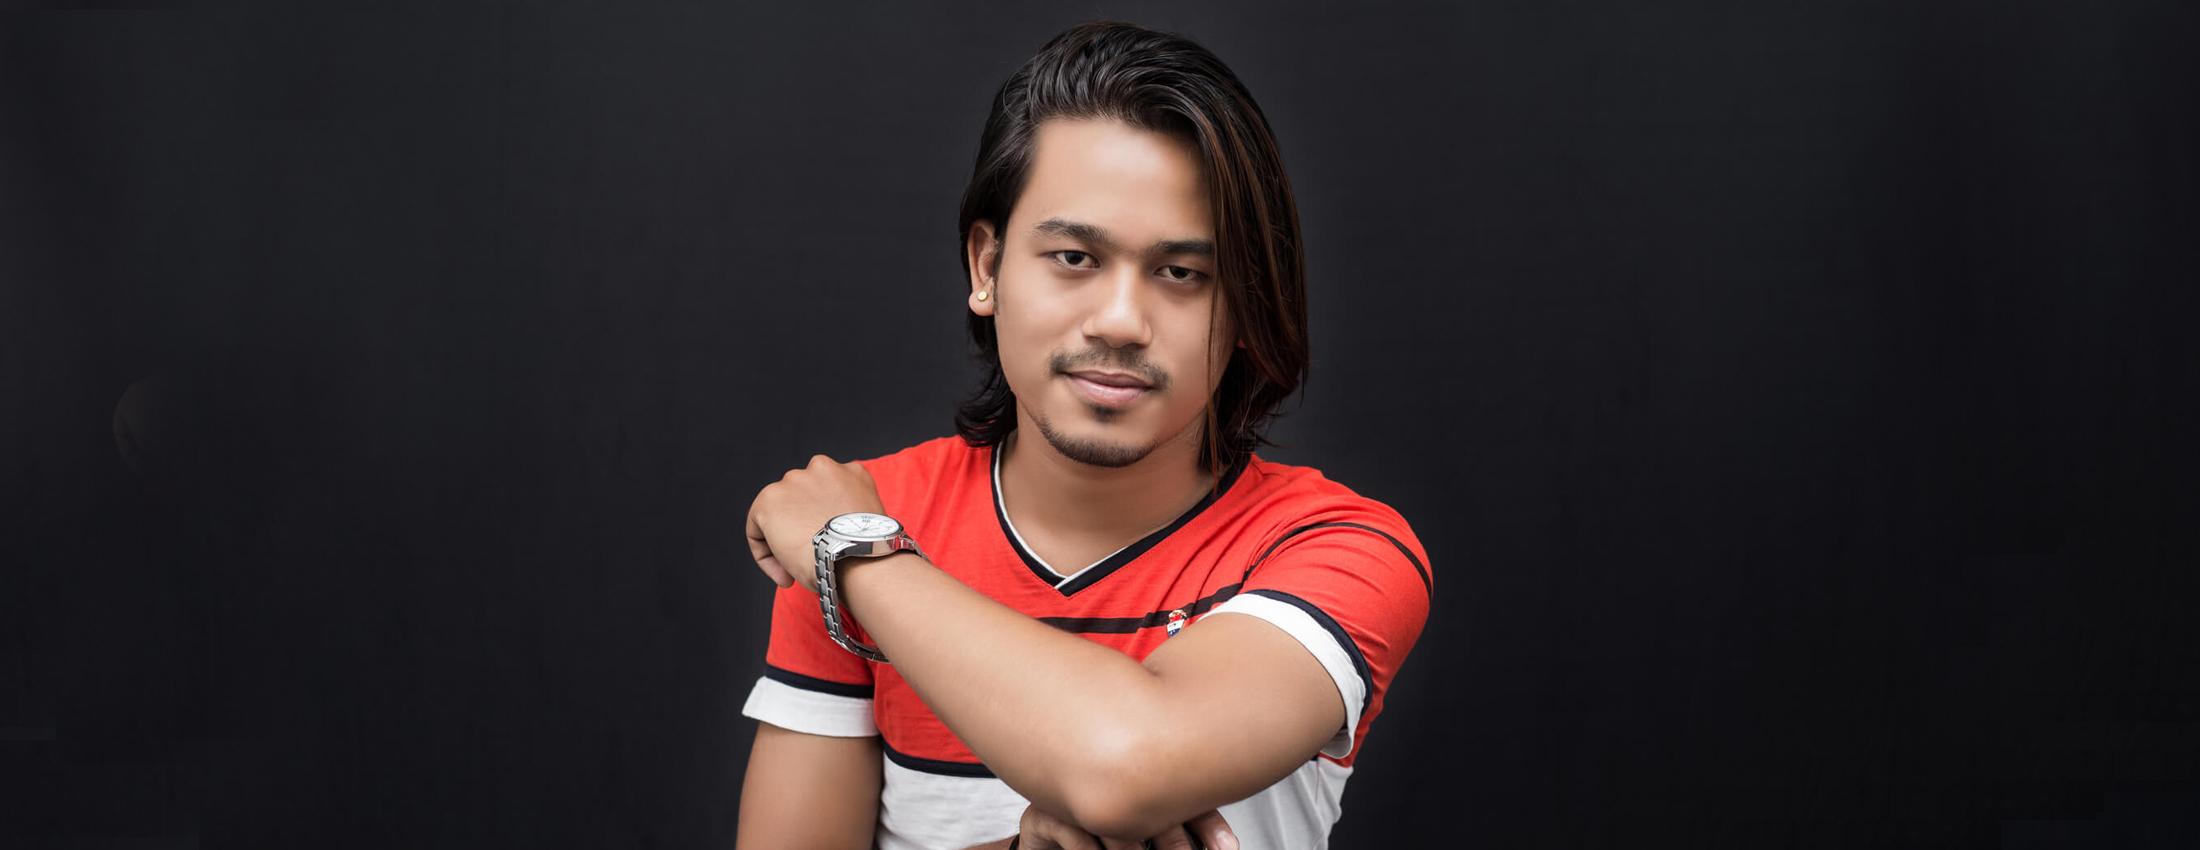 Suraj Bhujel - Modeling Photoshoot, Imgstock